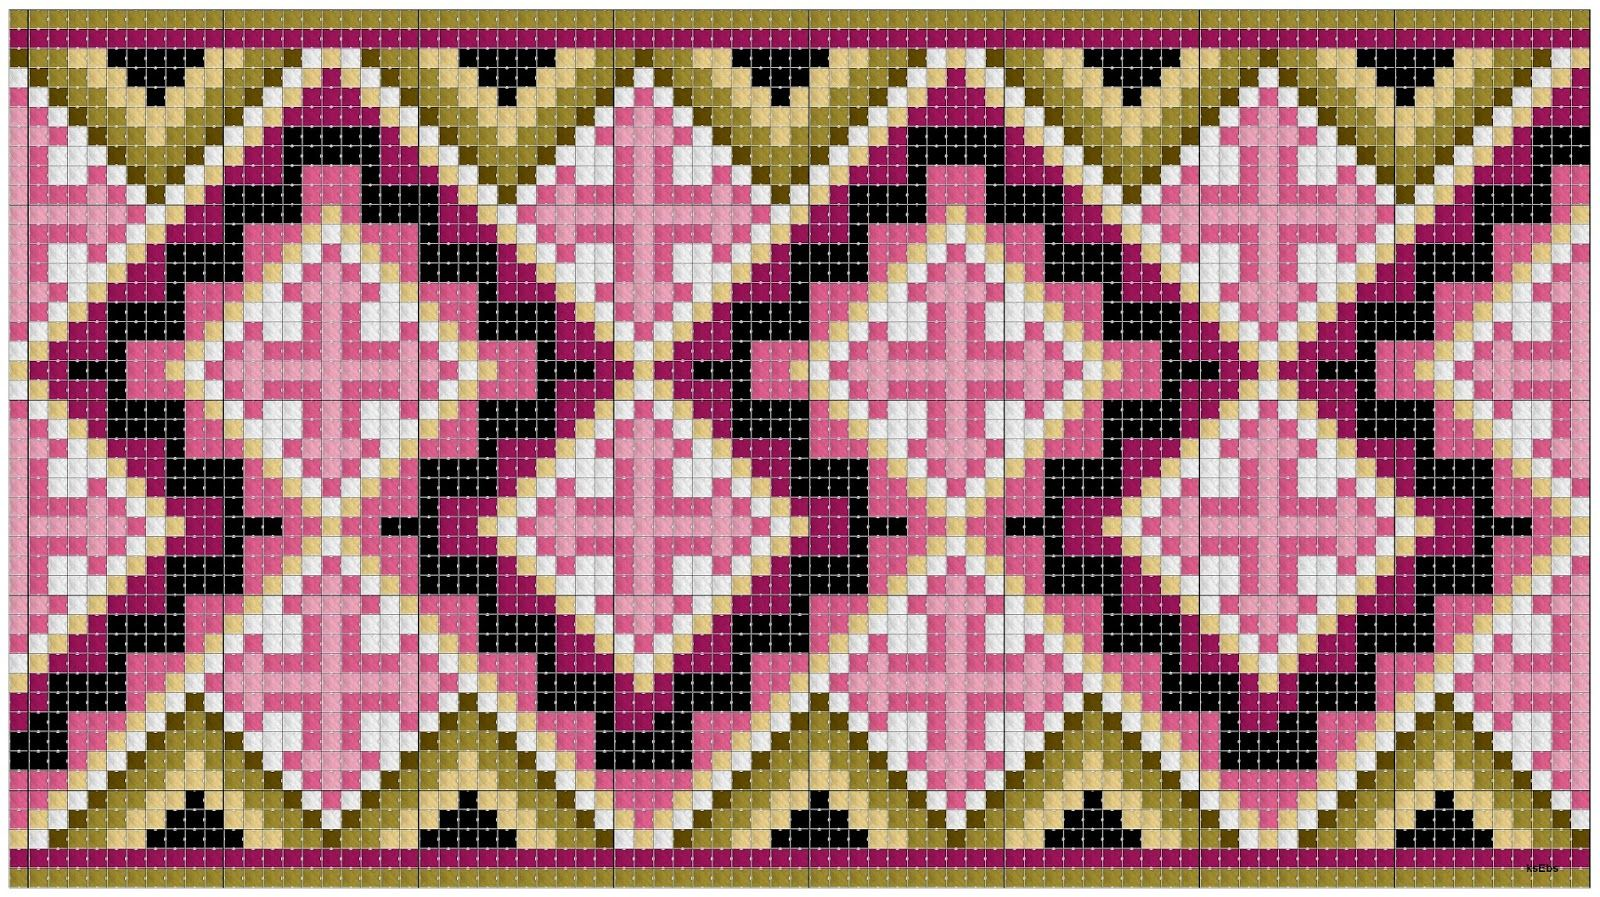 Costume, Bijoux, tissus et rosepainting: Kvarde modèle de point de croix